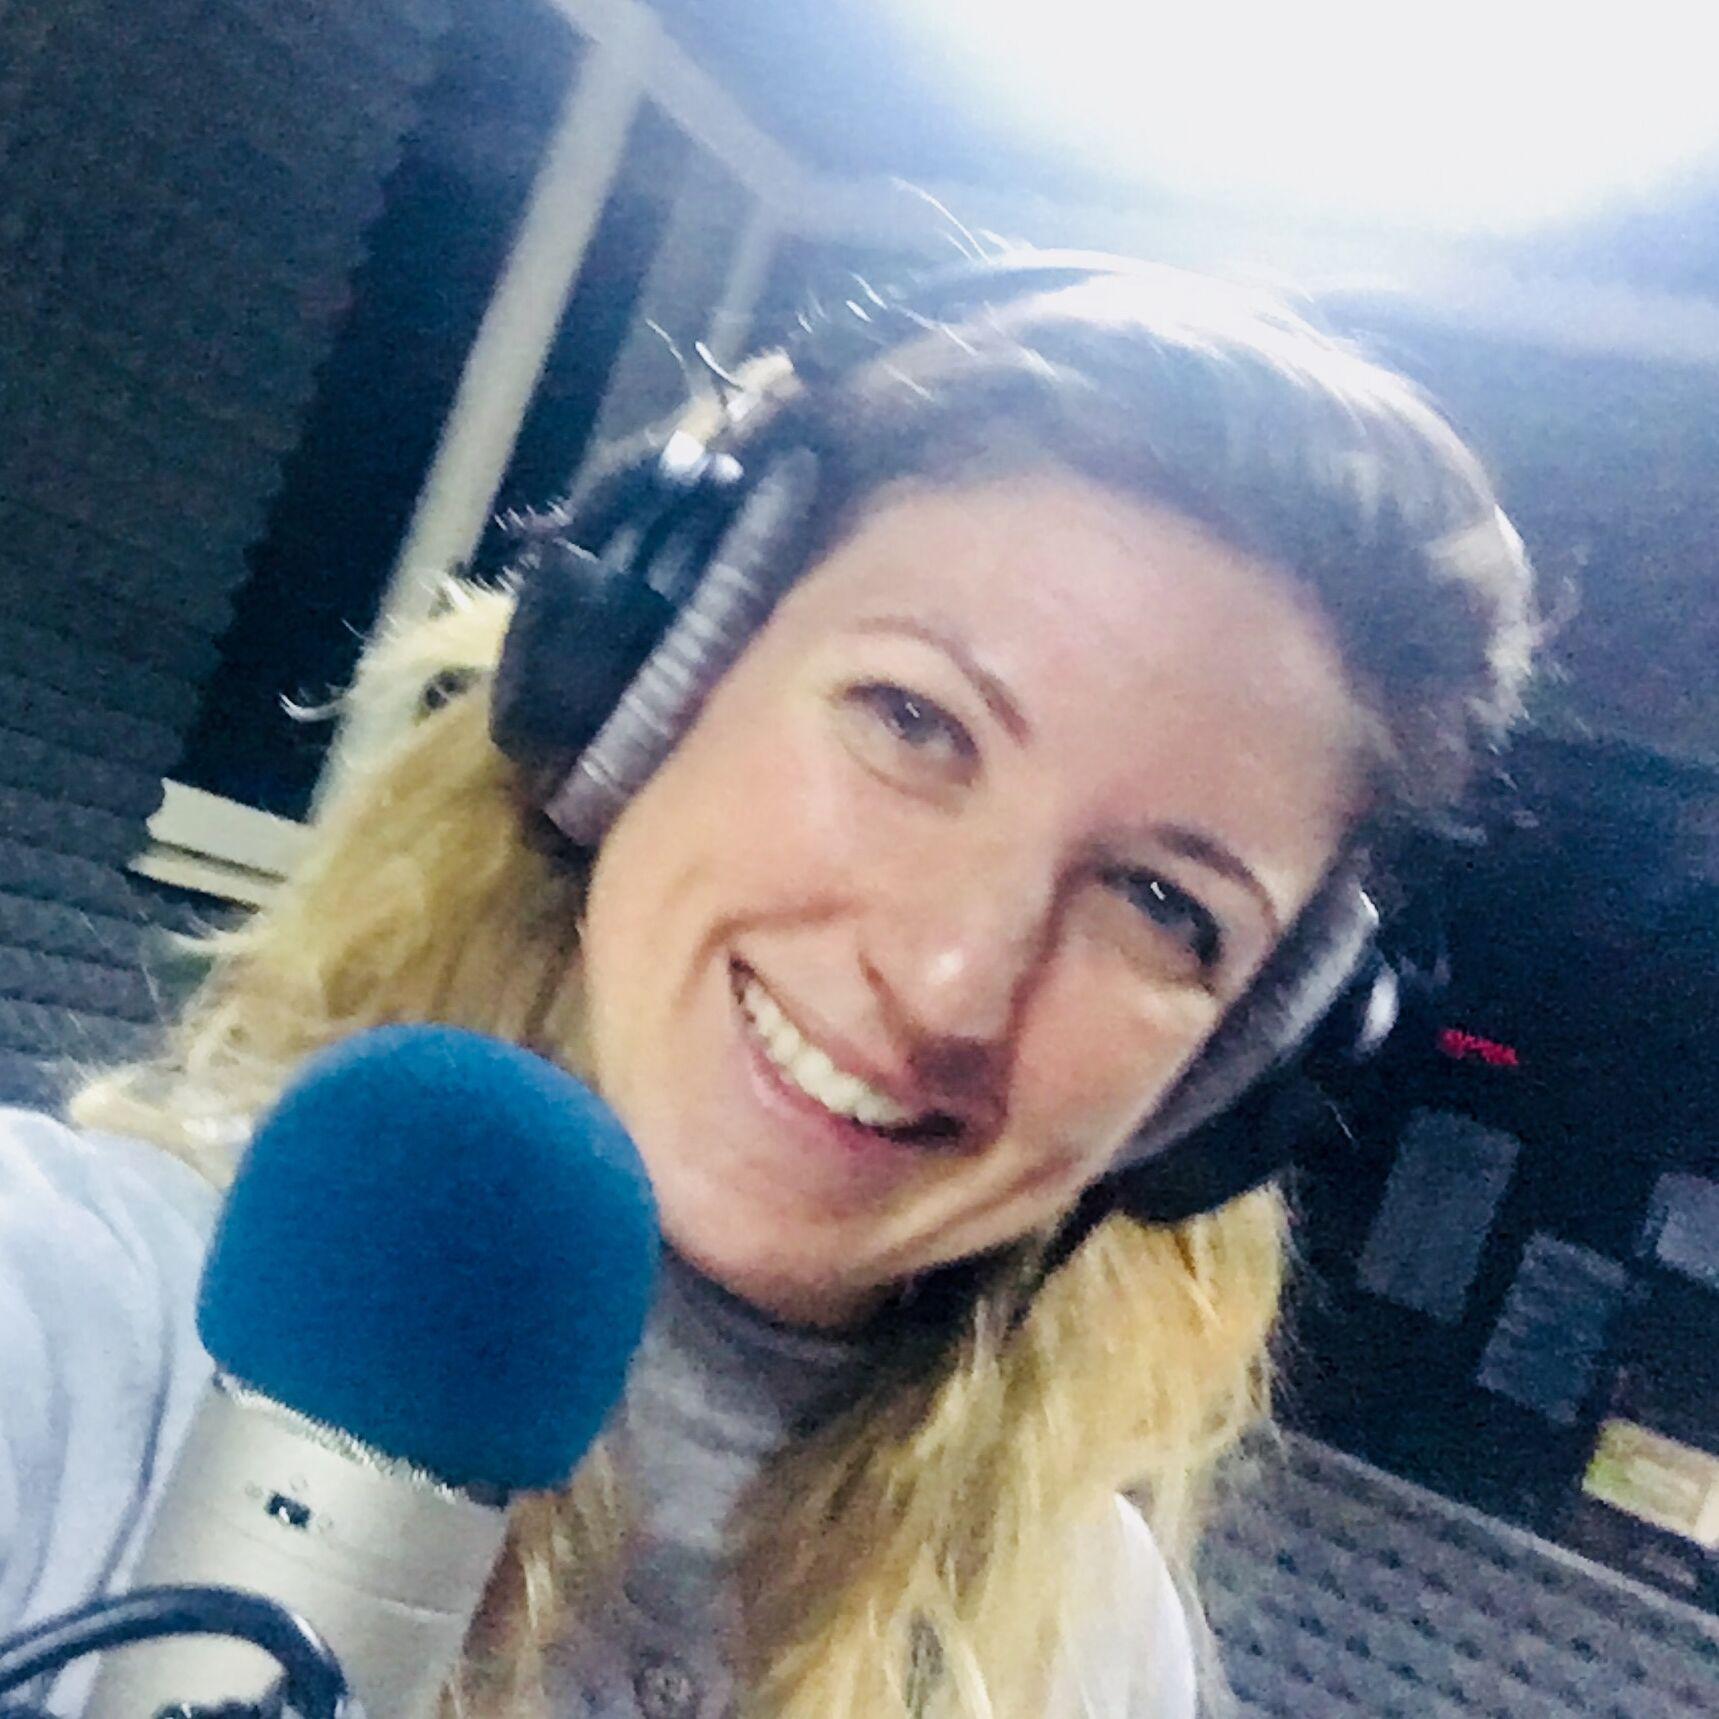 Eliana Sambrotta